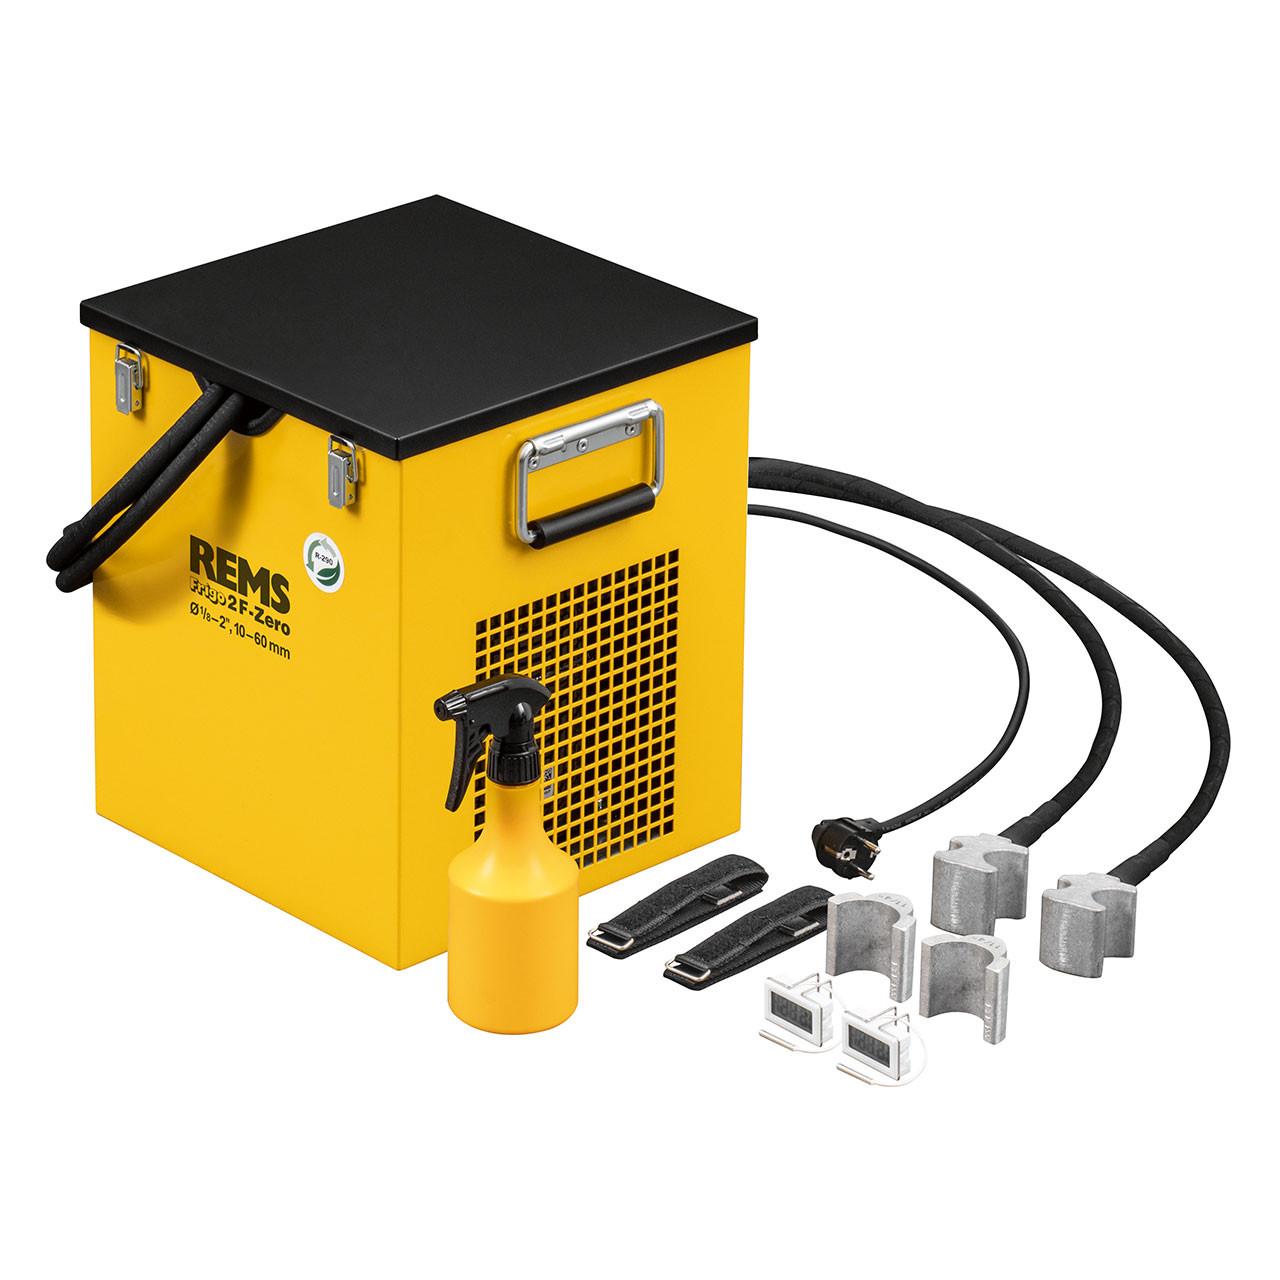 Reduzierkupplung Lokring 5//2 NRMs 00 frigorifero surgelatore